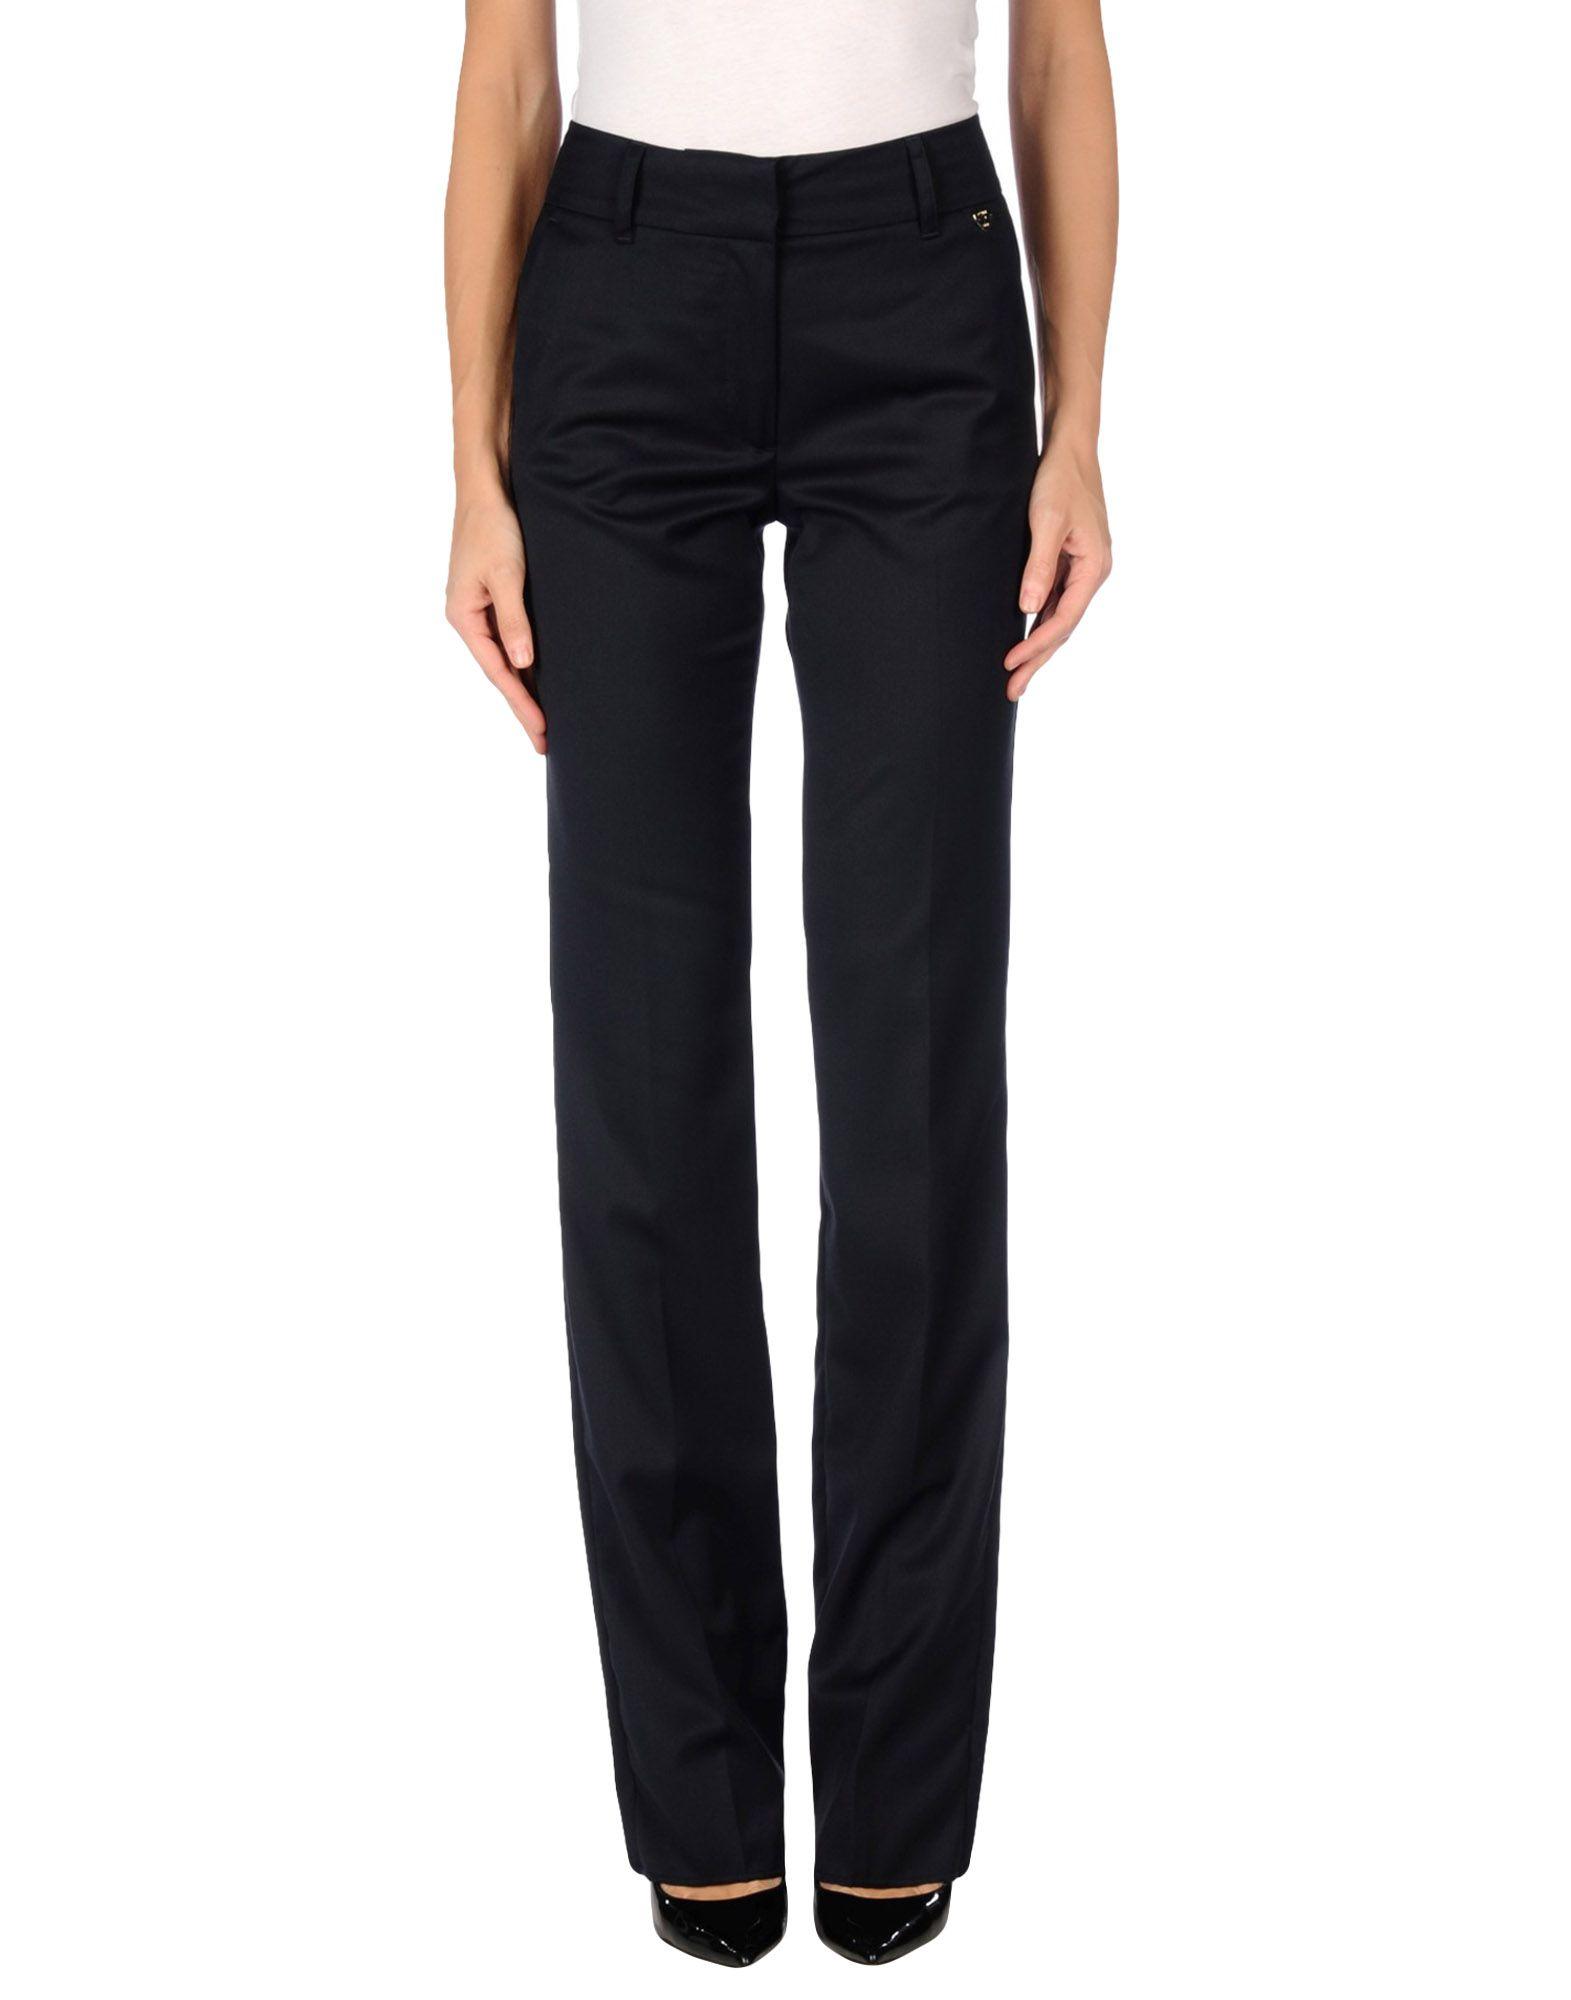 Pantalone Twinset donna - 13030350IS 13030350IS  Online zum besten Preis